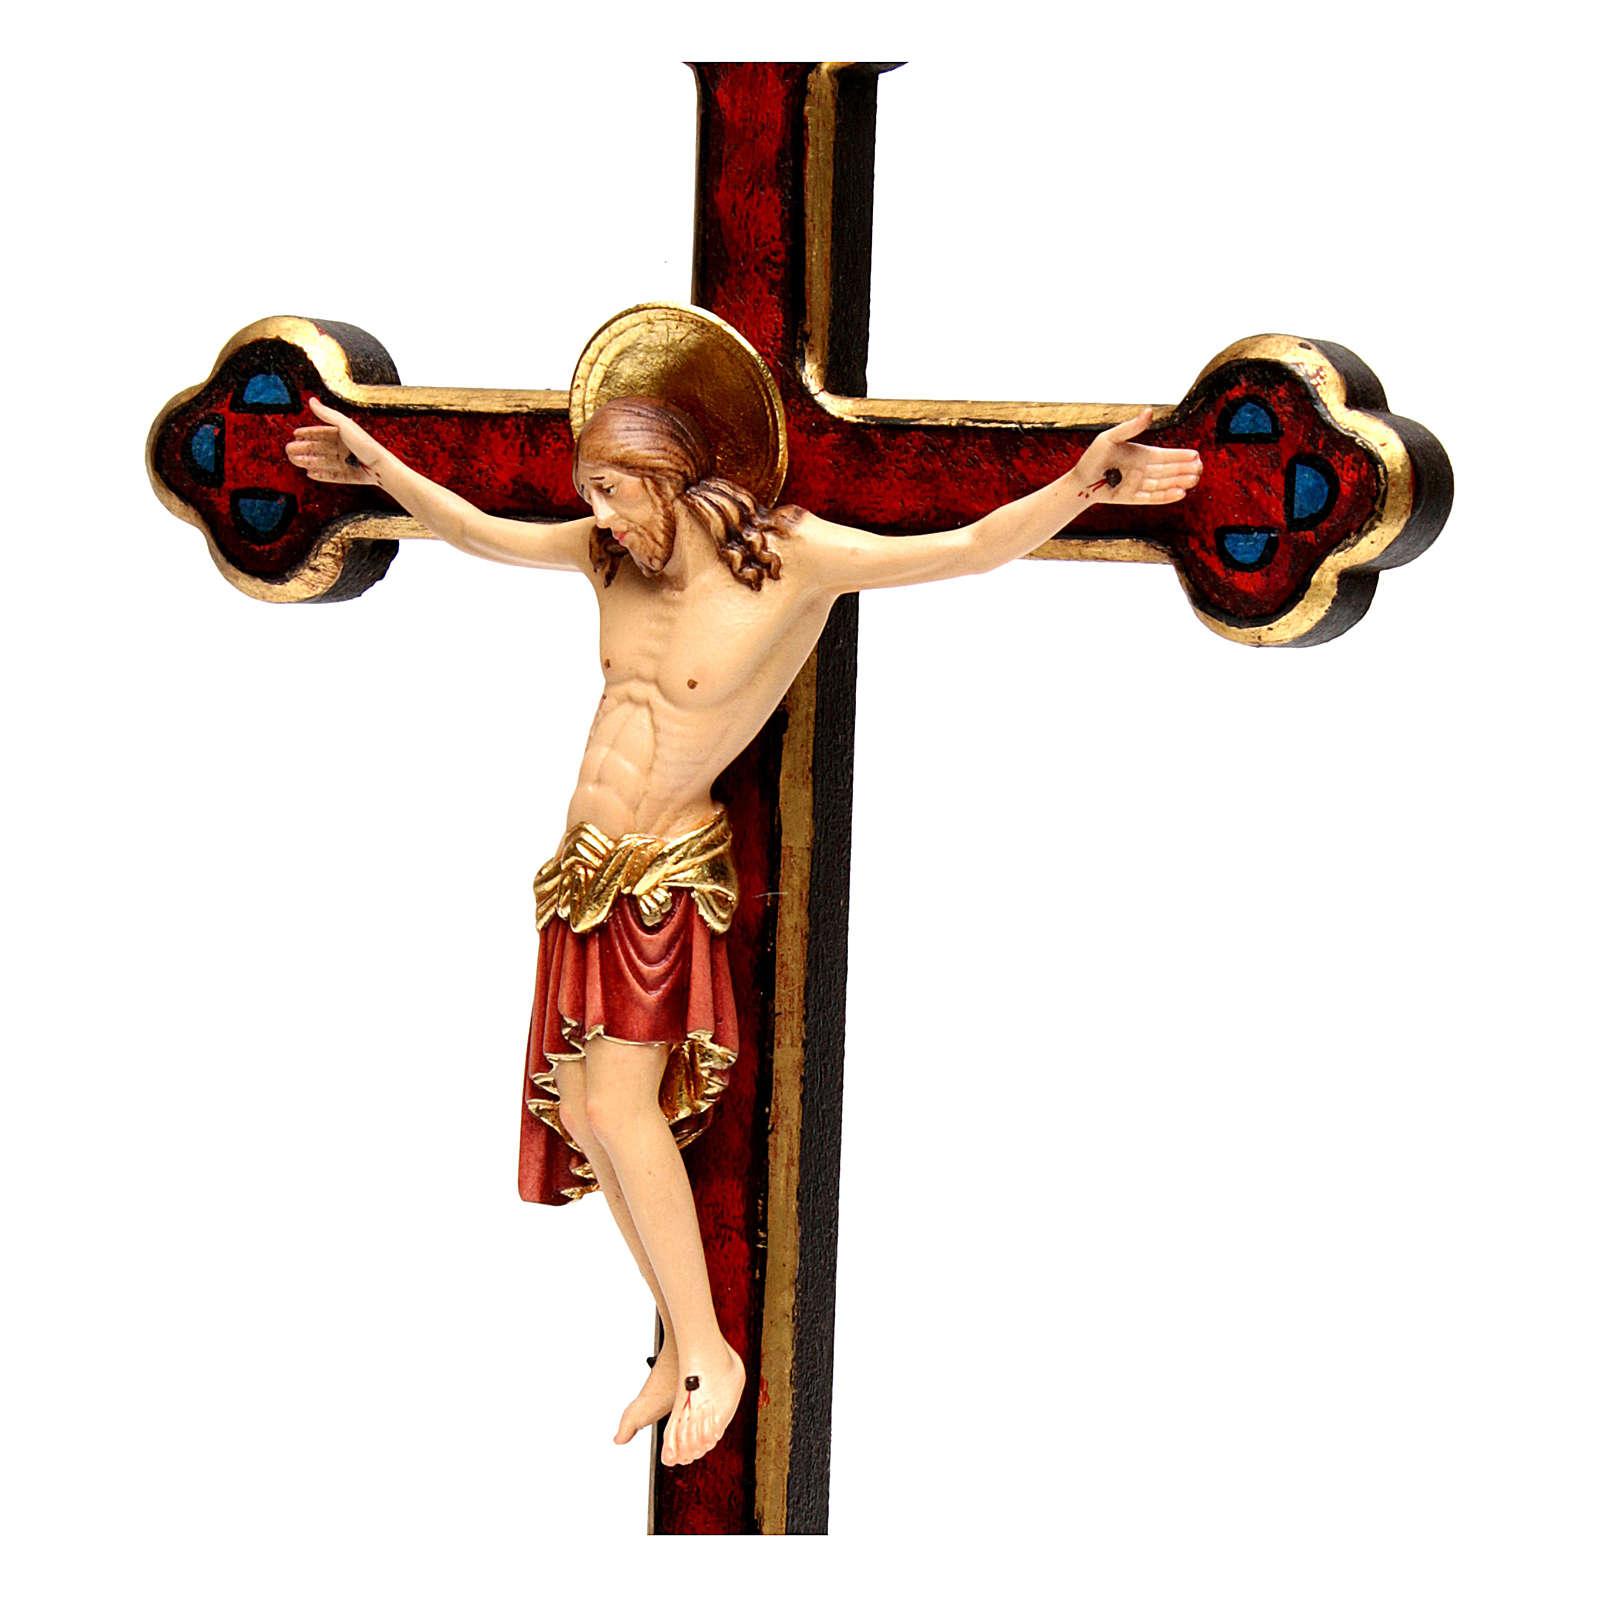 Crocifisso Cimabue croce oro barocca legno Valgardena dipinta 4